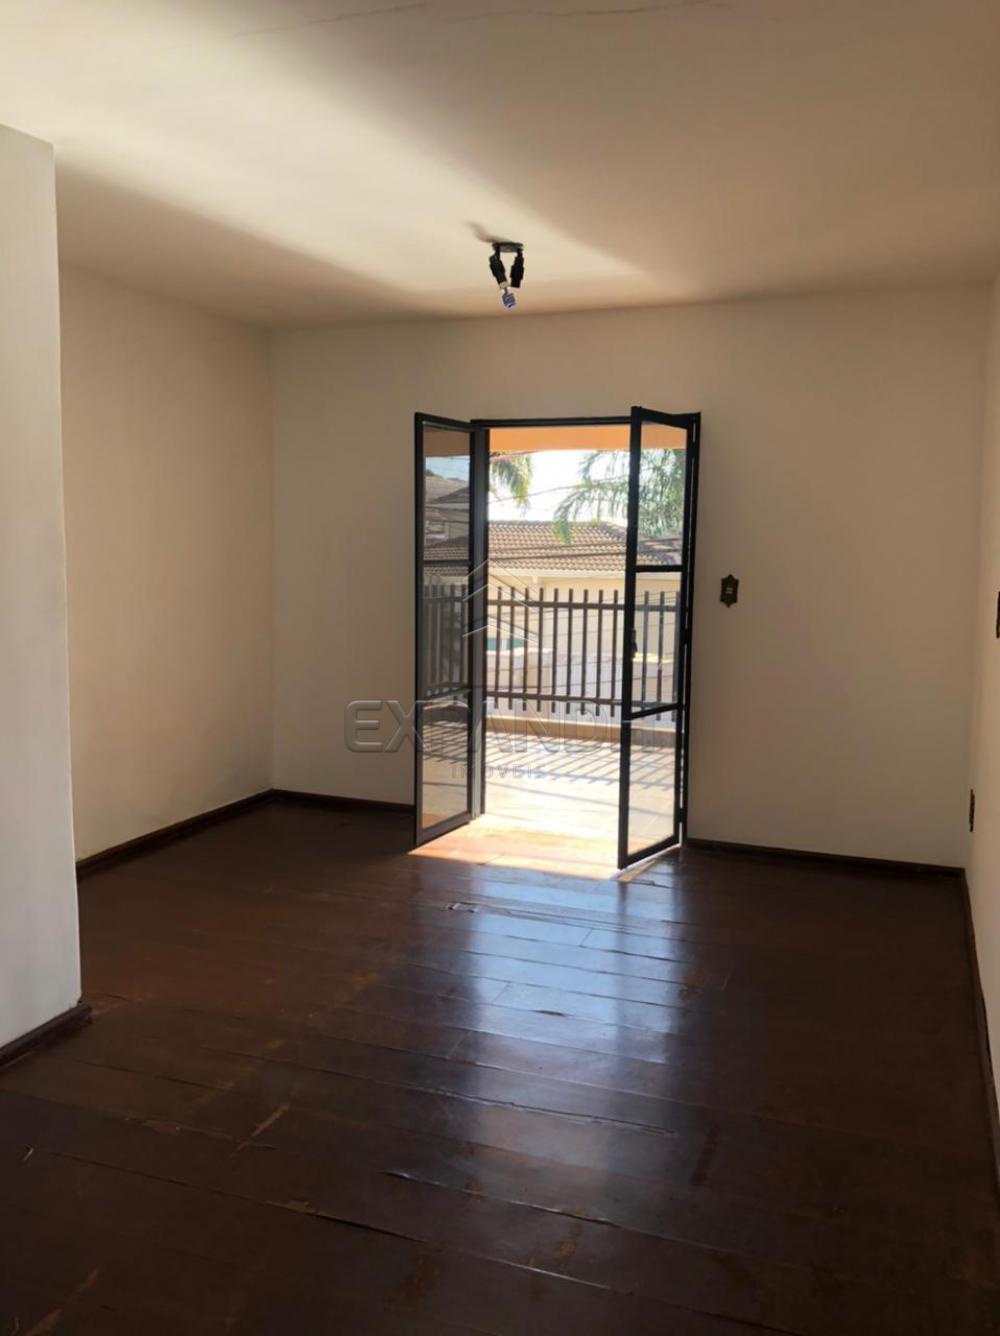 Alugar Casas / Padrão em Sertãozinho R$ 1.000,00 - Foto 14